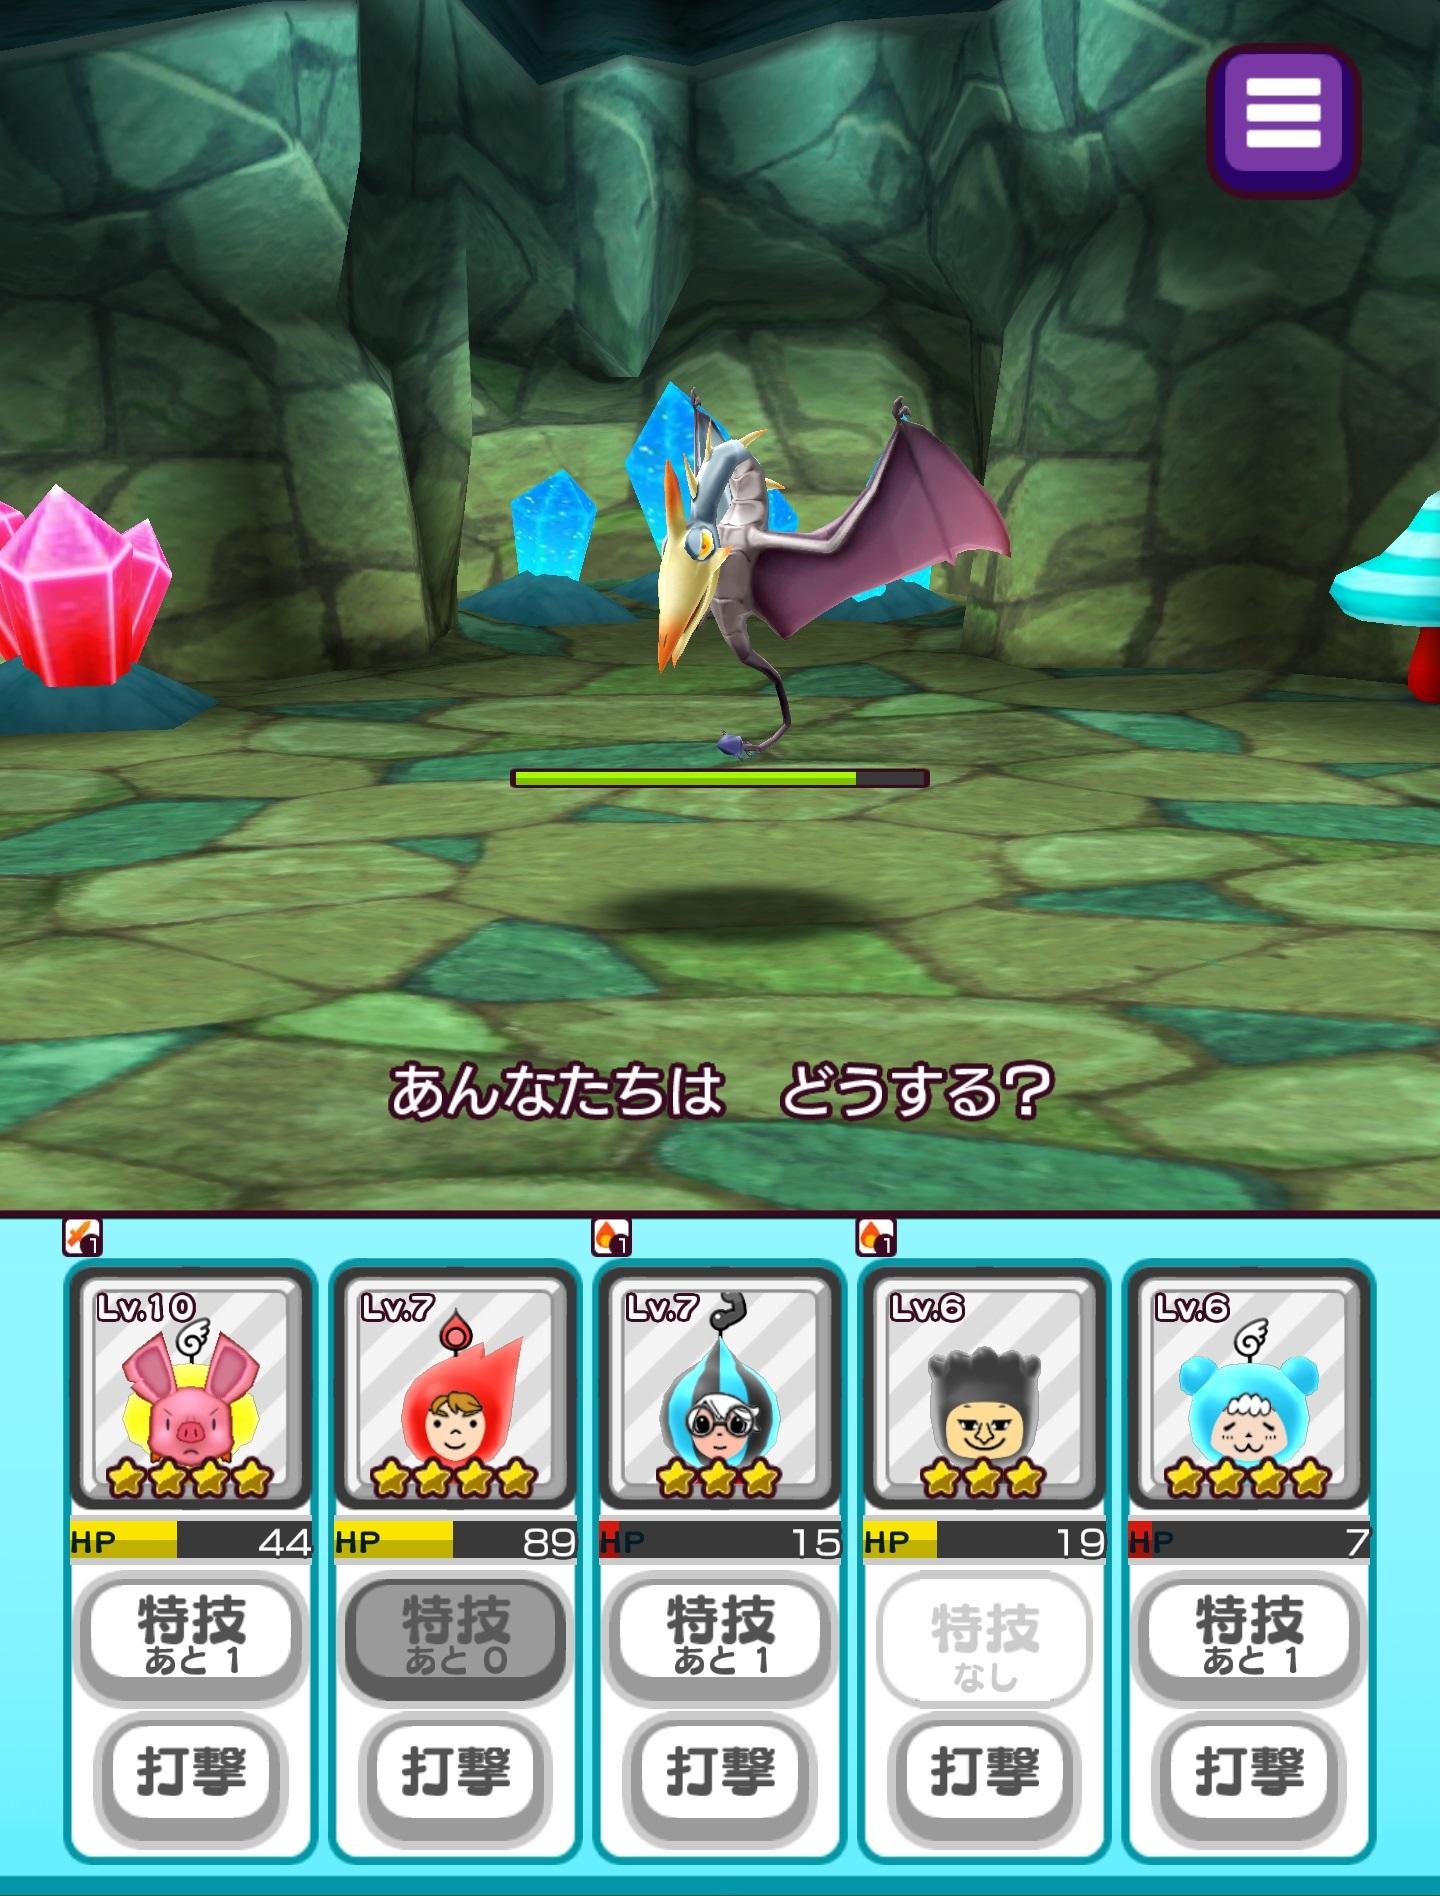 New 電波人間のRPG【ゲームレビュー】